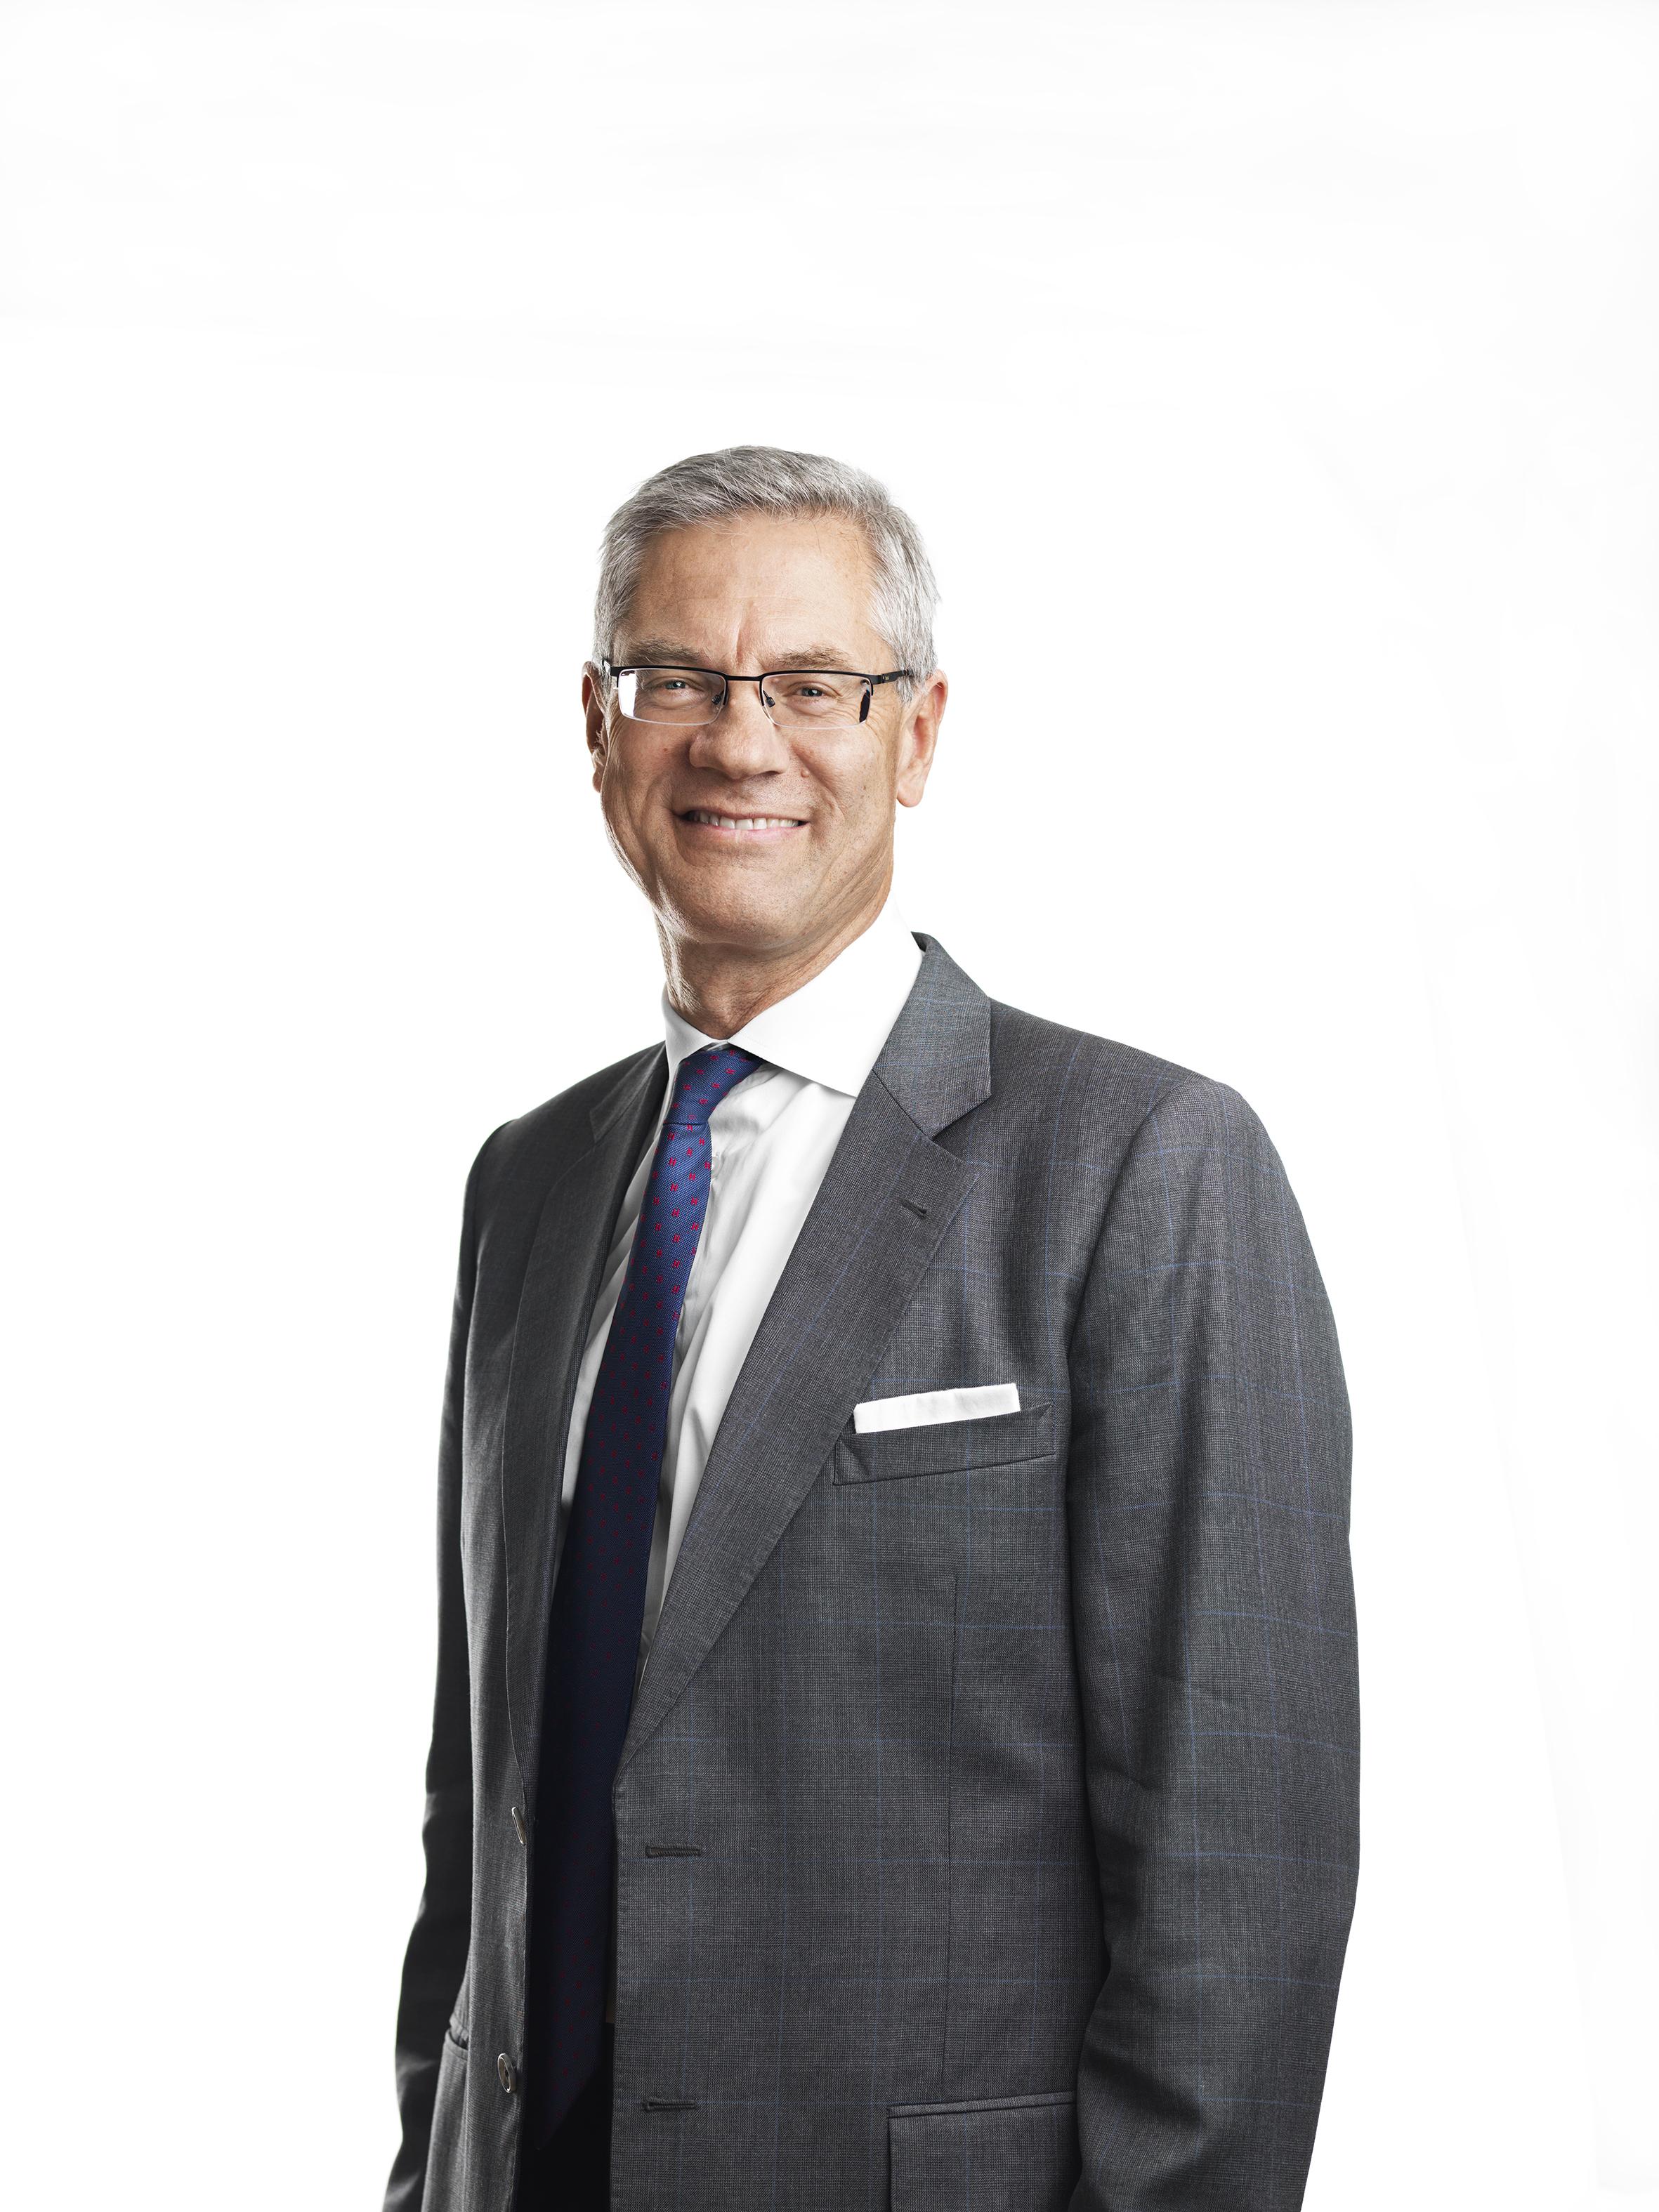 Magnus Hall vd och koncernchef Vattenfall, President and CEO at Vattenfall